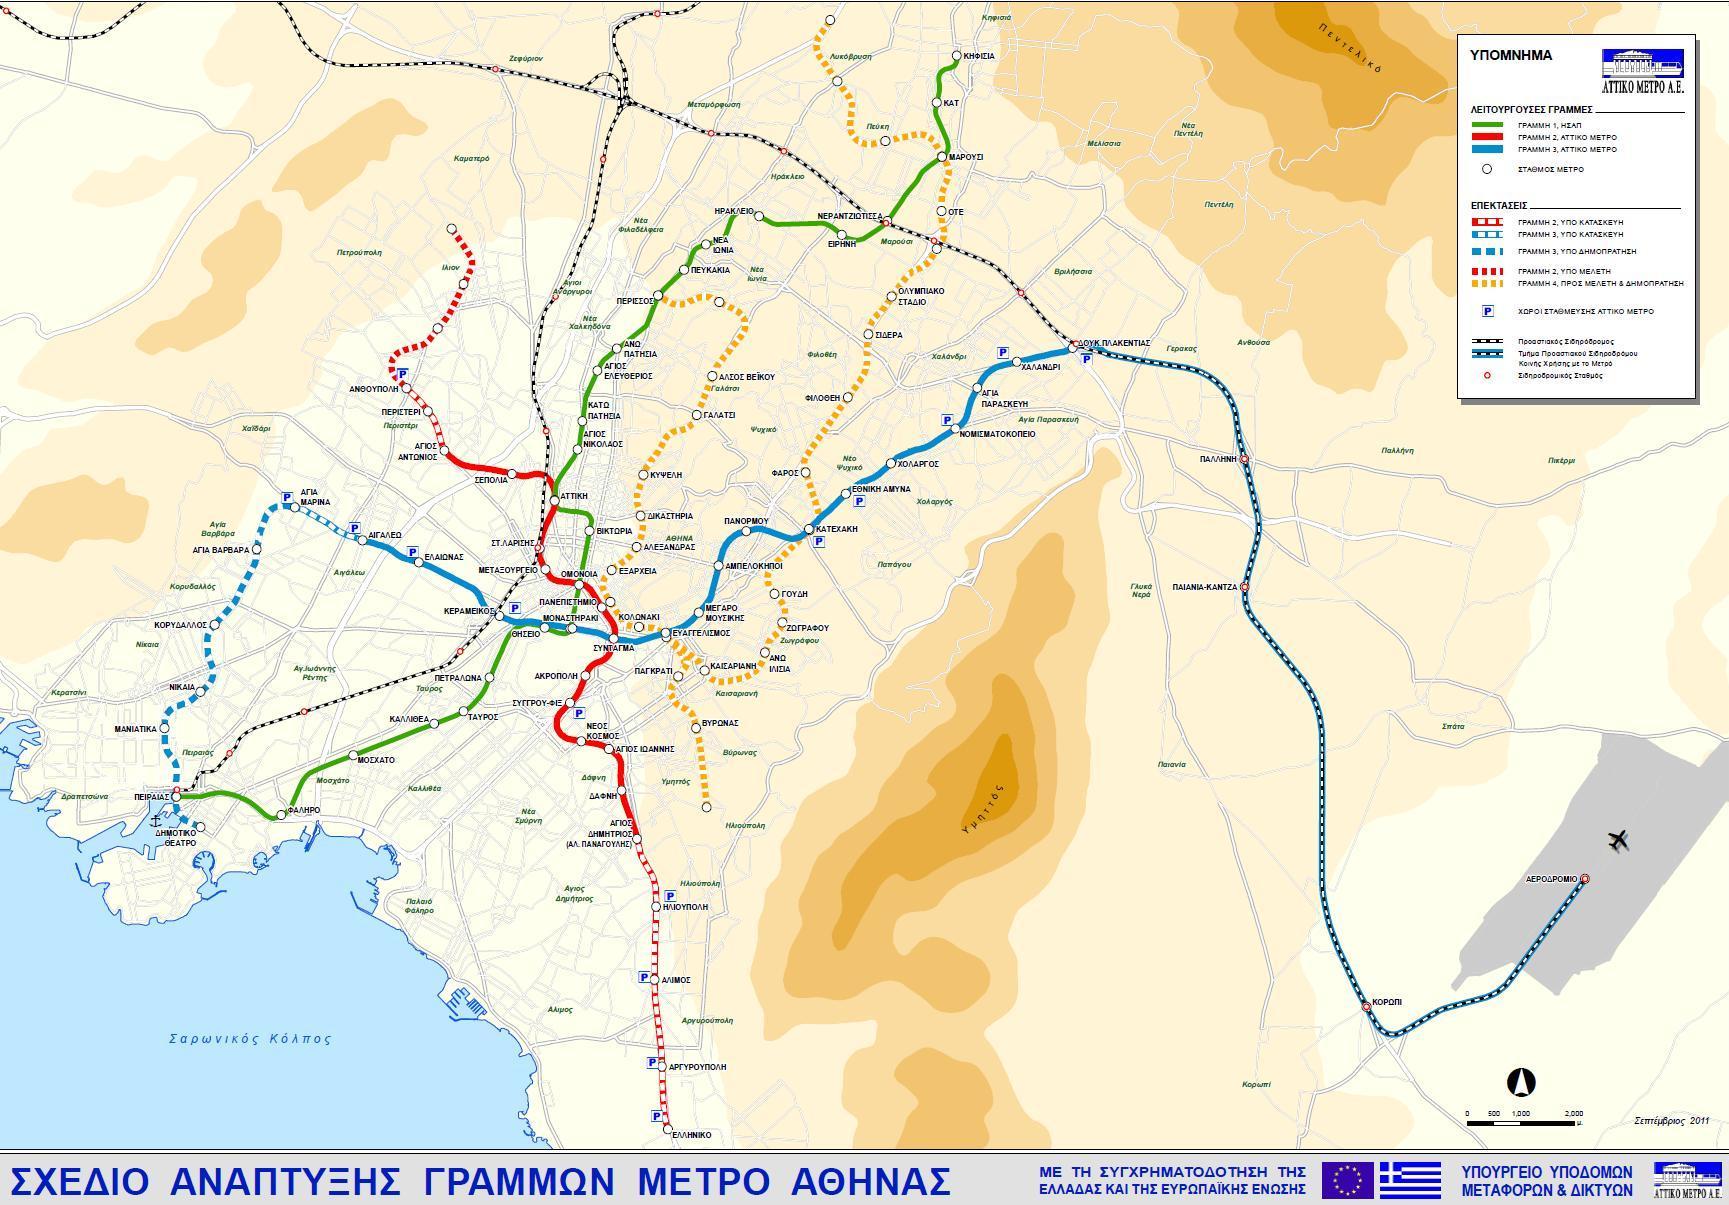 Σχέδιο Ανάπτυξης Γραμμών Μετρό, Σεπτέμβριος 2011. ΠΗΓΗ: ΑΤΤΙΚΟ ΜΕΤΡΟ (κλικ για μεγέθυνση)